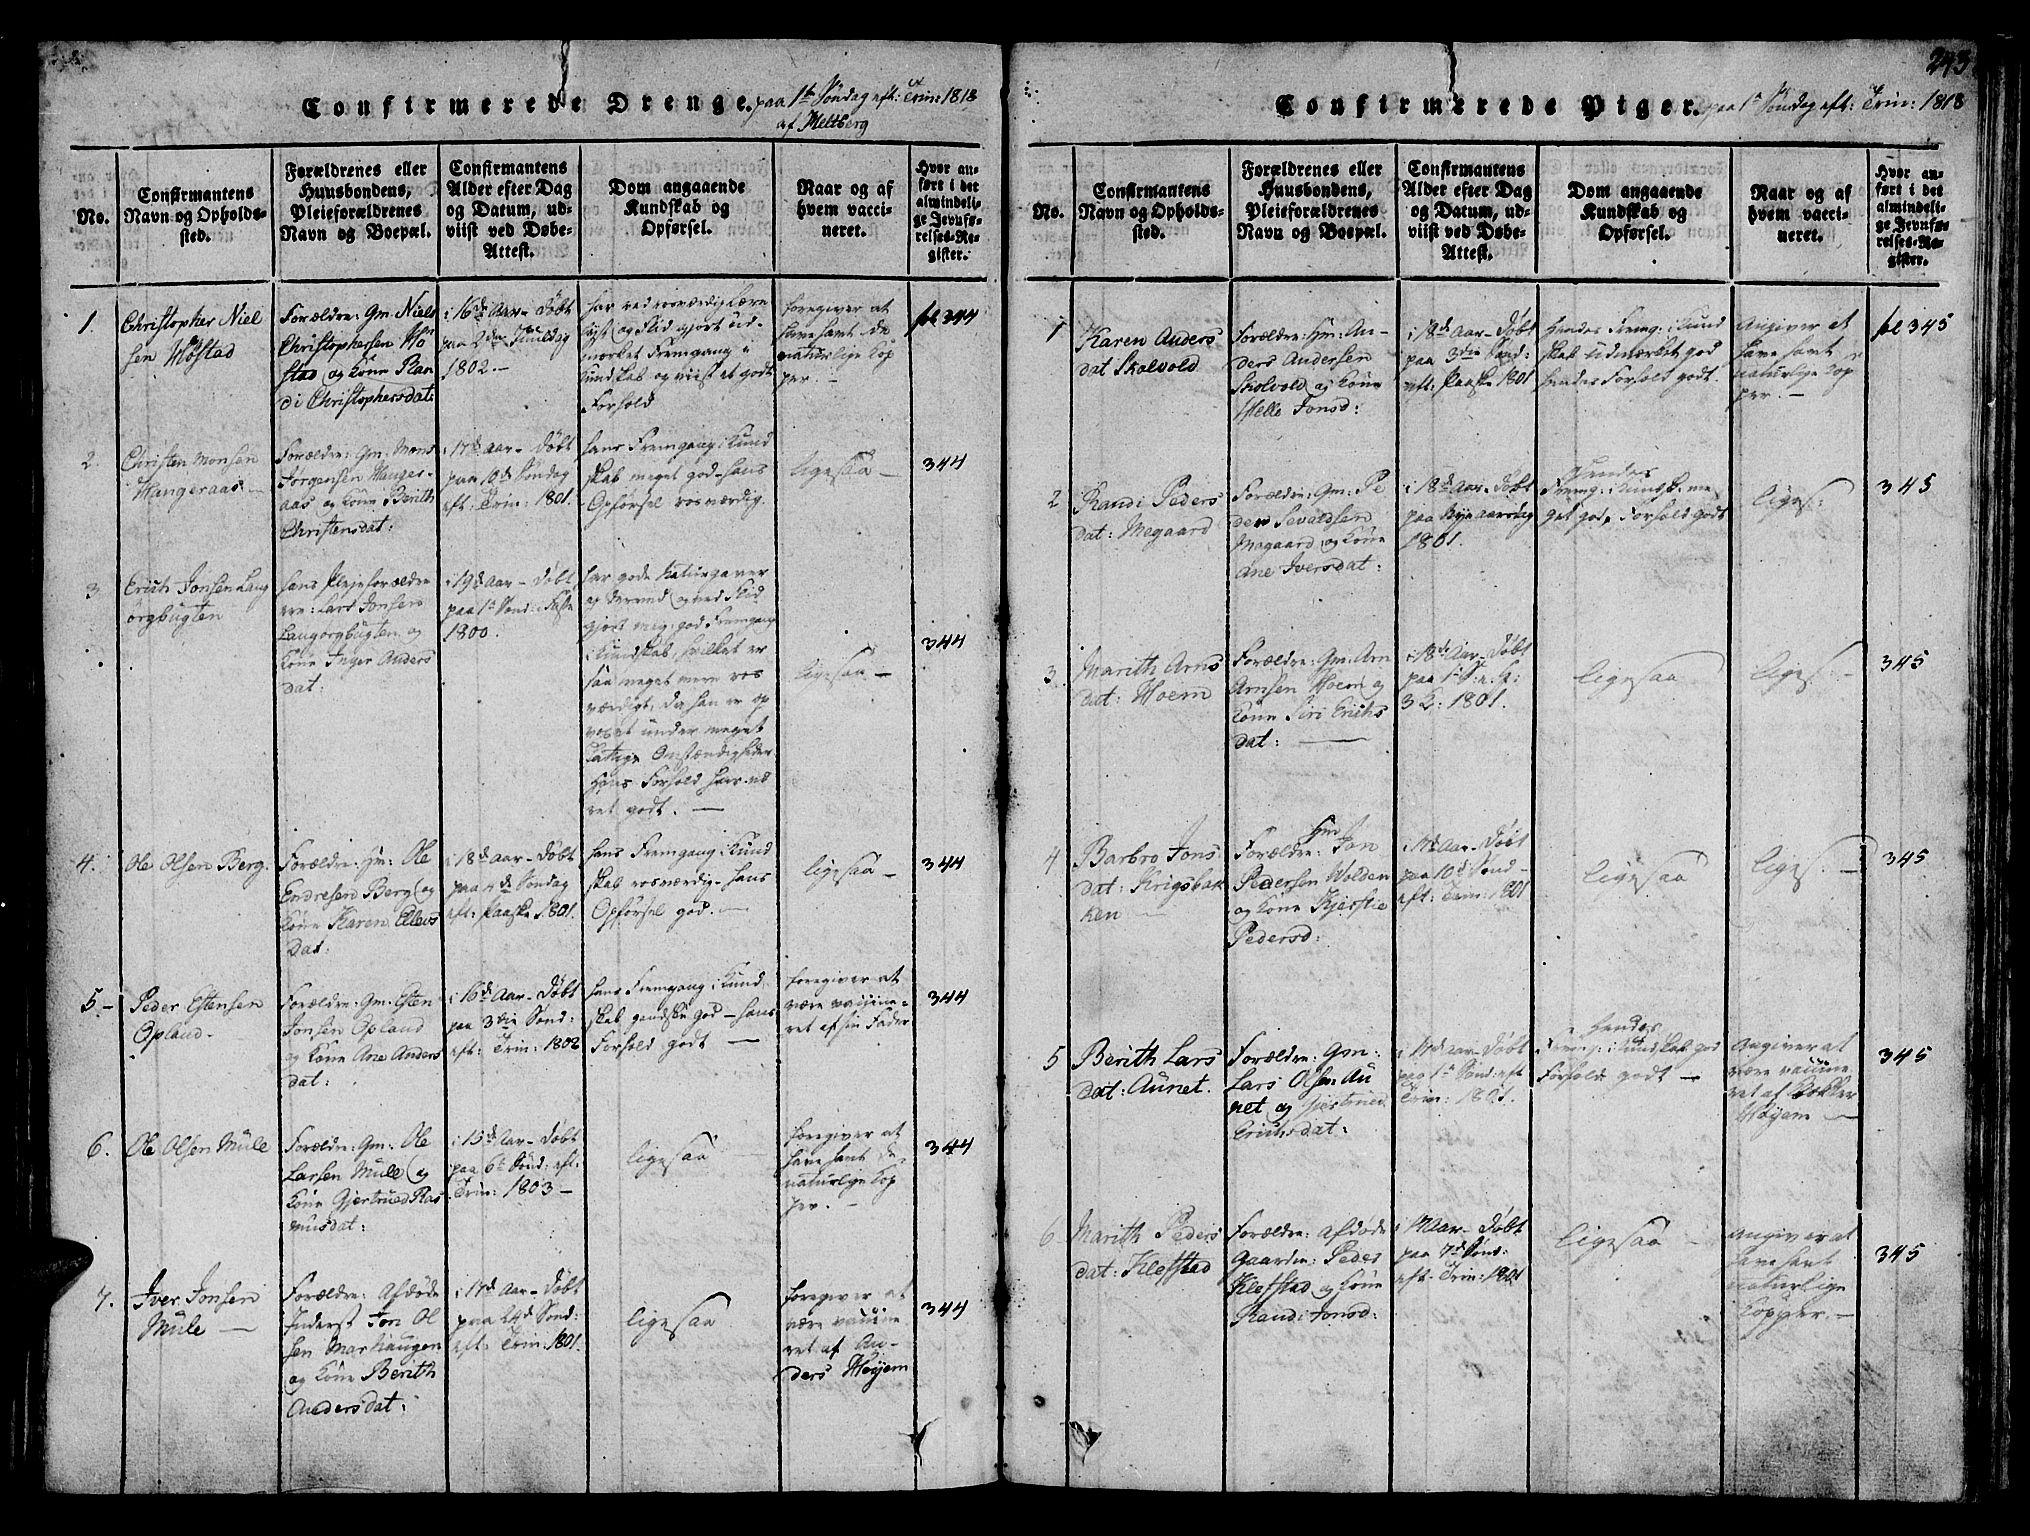 SAT, Ministerialprotokoller, klokkerbøker og fødselsregistre - Sør-Trøndelag, 612/L0372: Ministerialbok nr. 612A06 /1, 1816-1828, s. 243